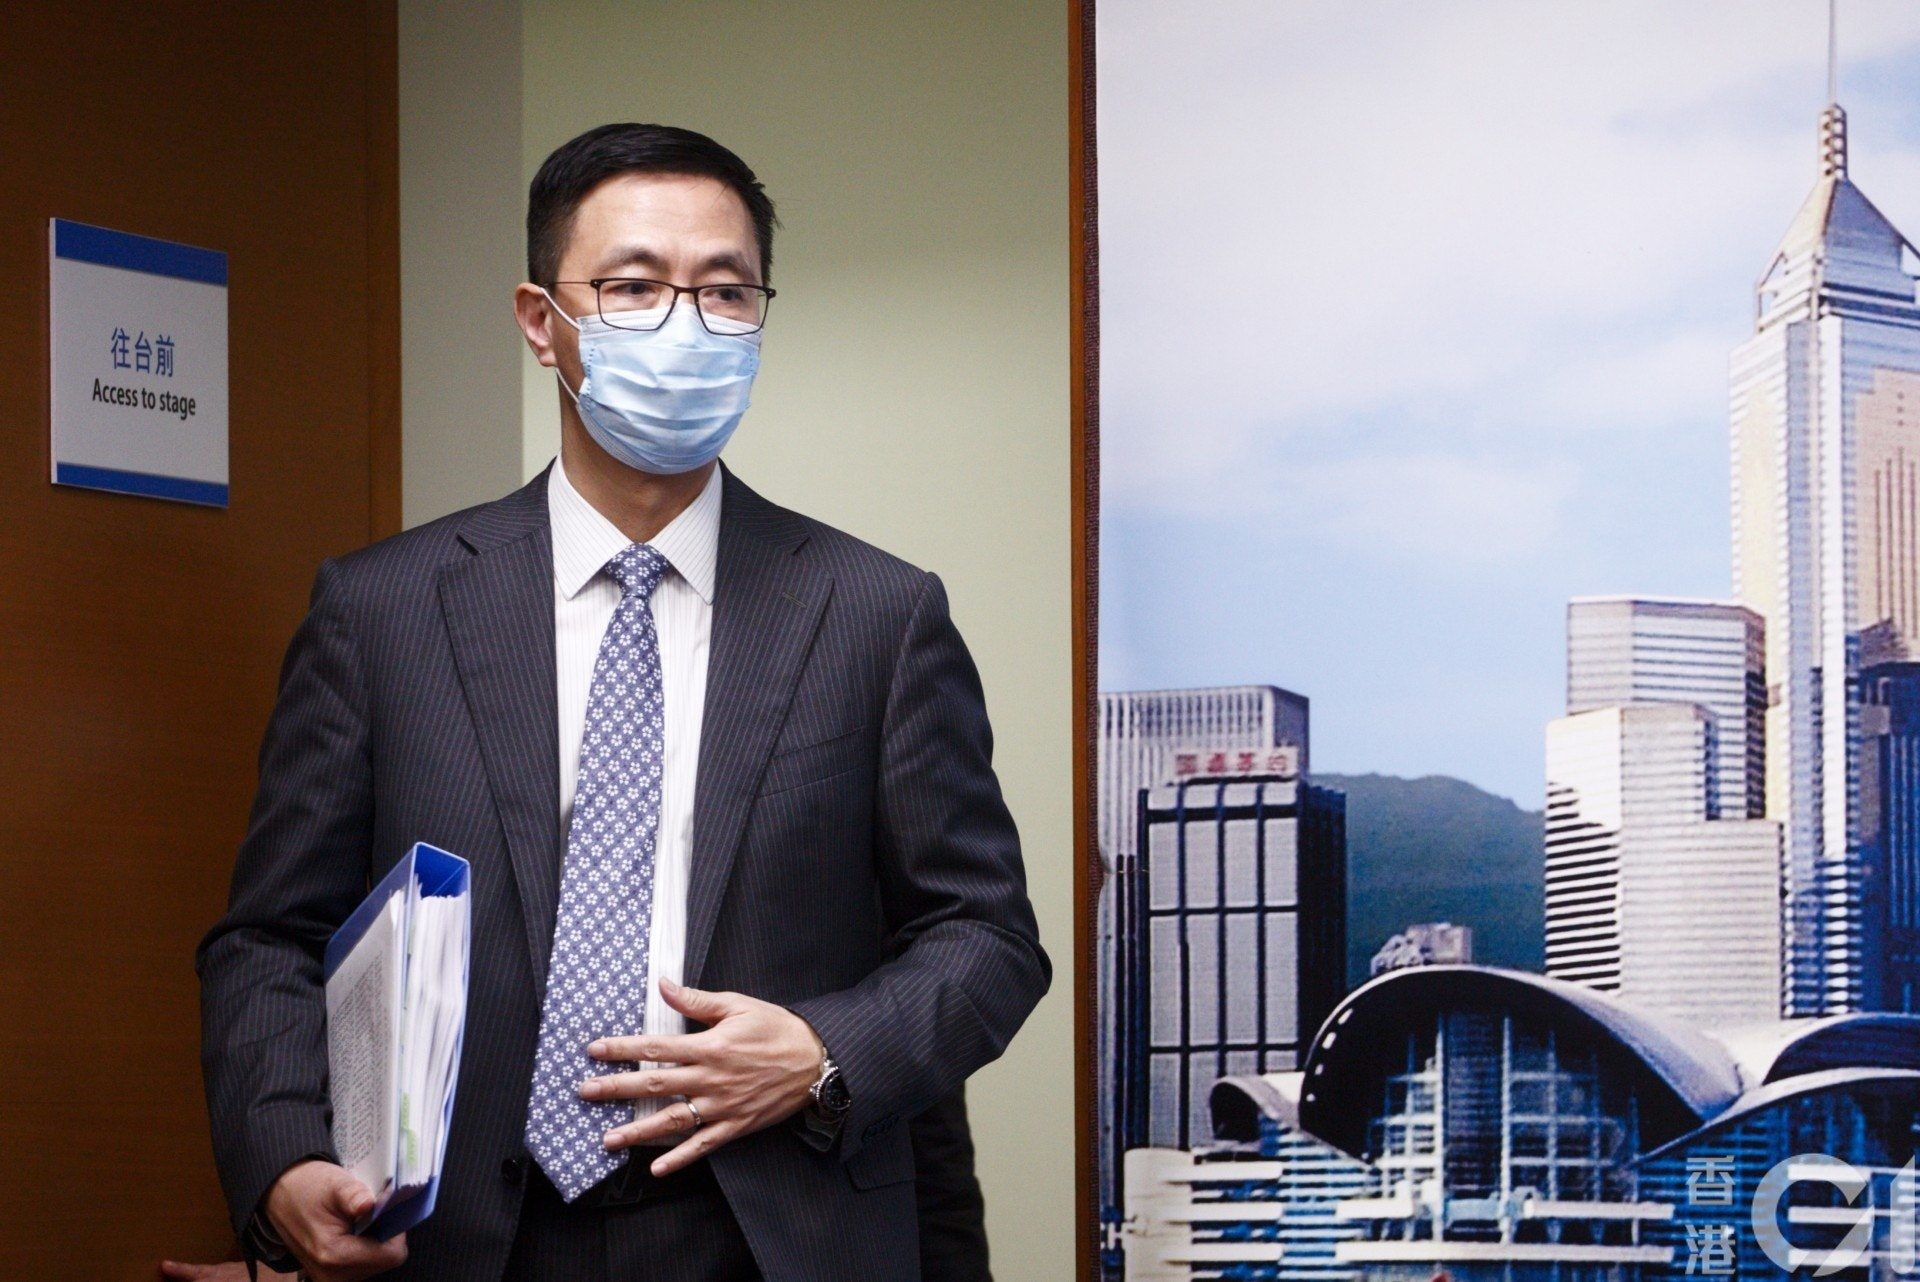 教育局局長楊潤雄表示下周一會派出教育局質素監管人員調查,了解考評局出題與審題的機制。(余俊亮攝)